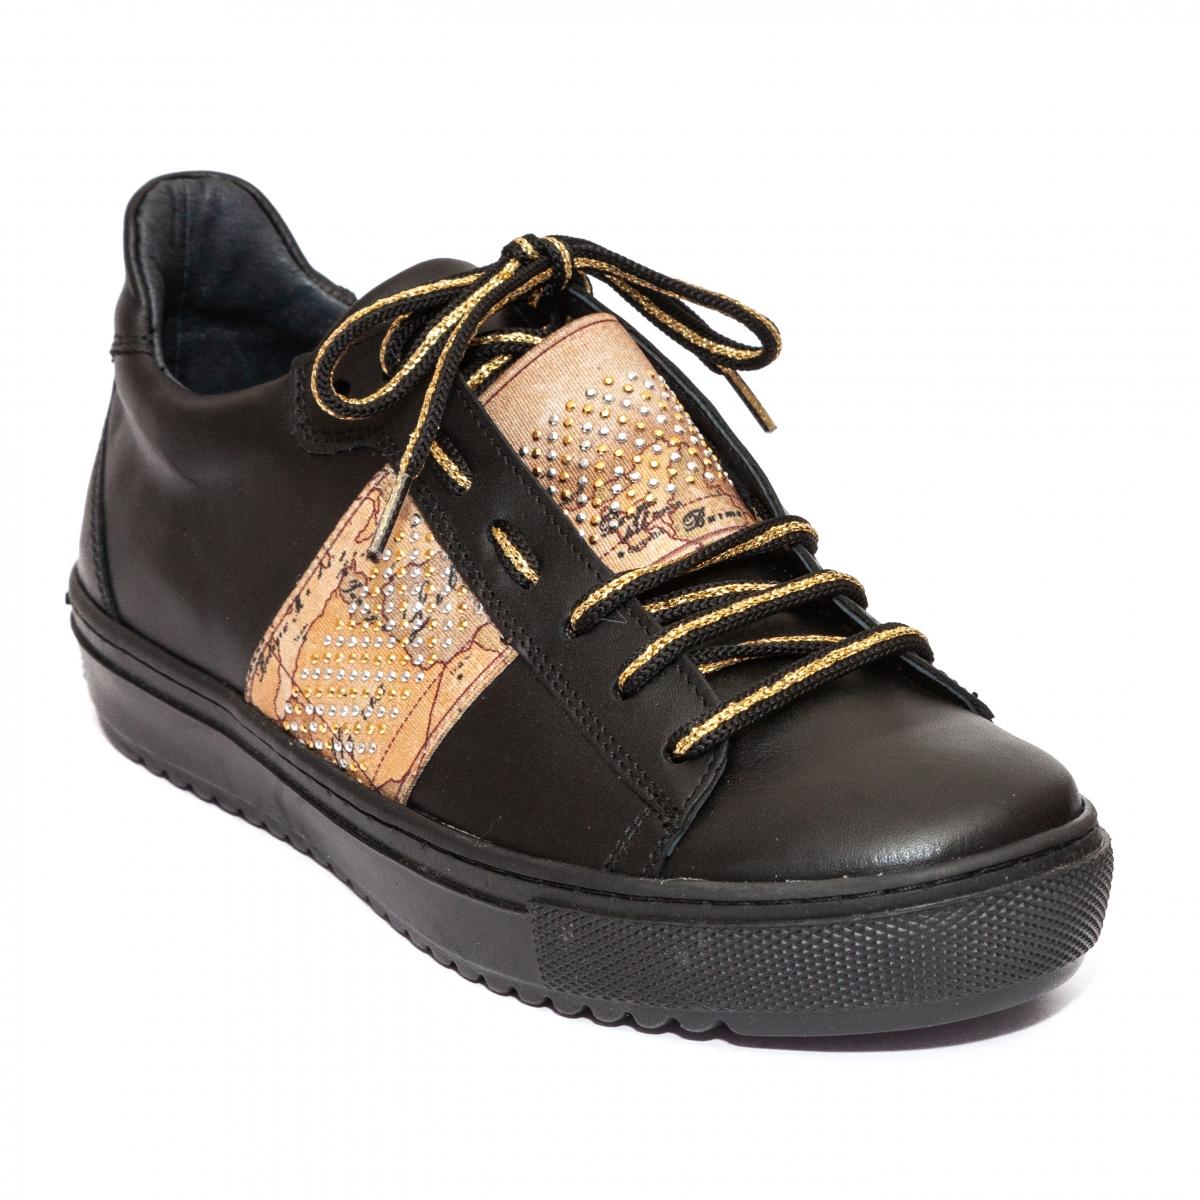 Pantofi domnisoare sport Rappa 2019 negru 35-41